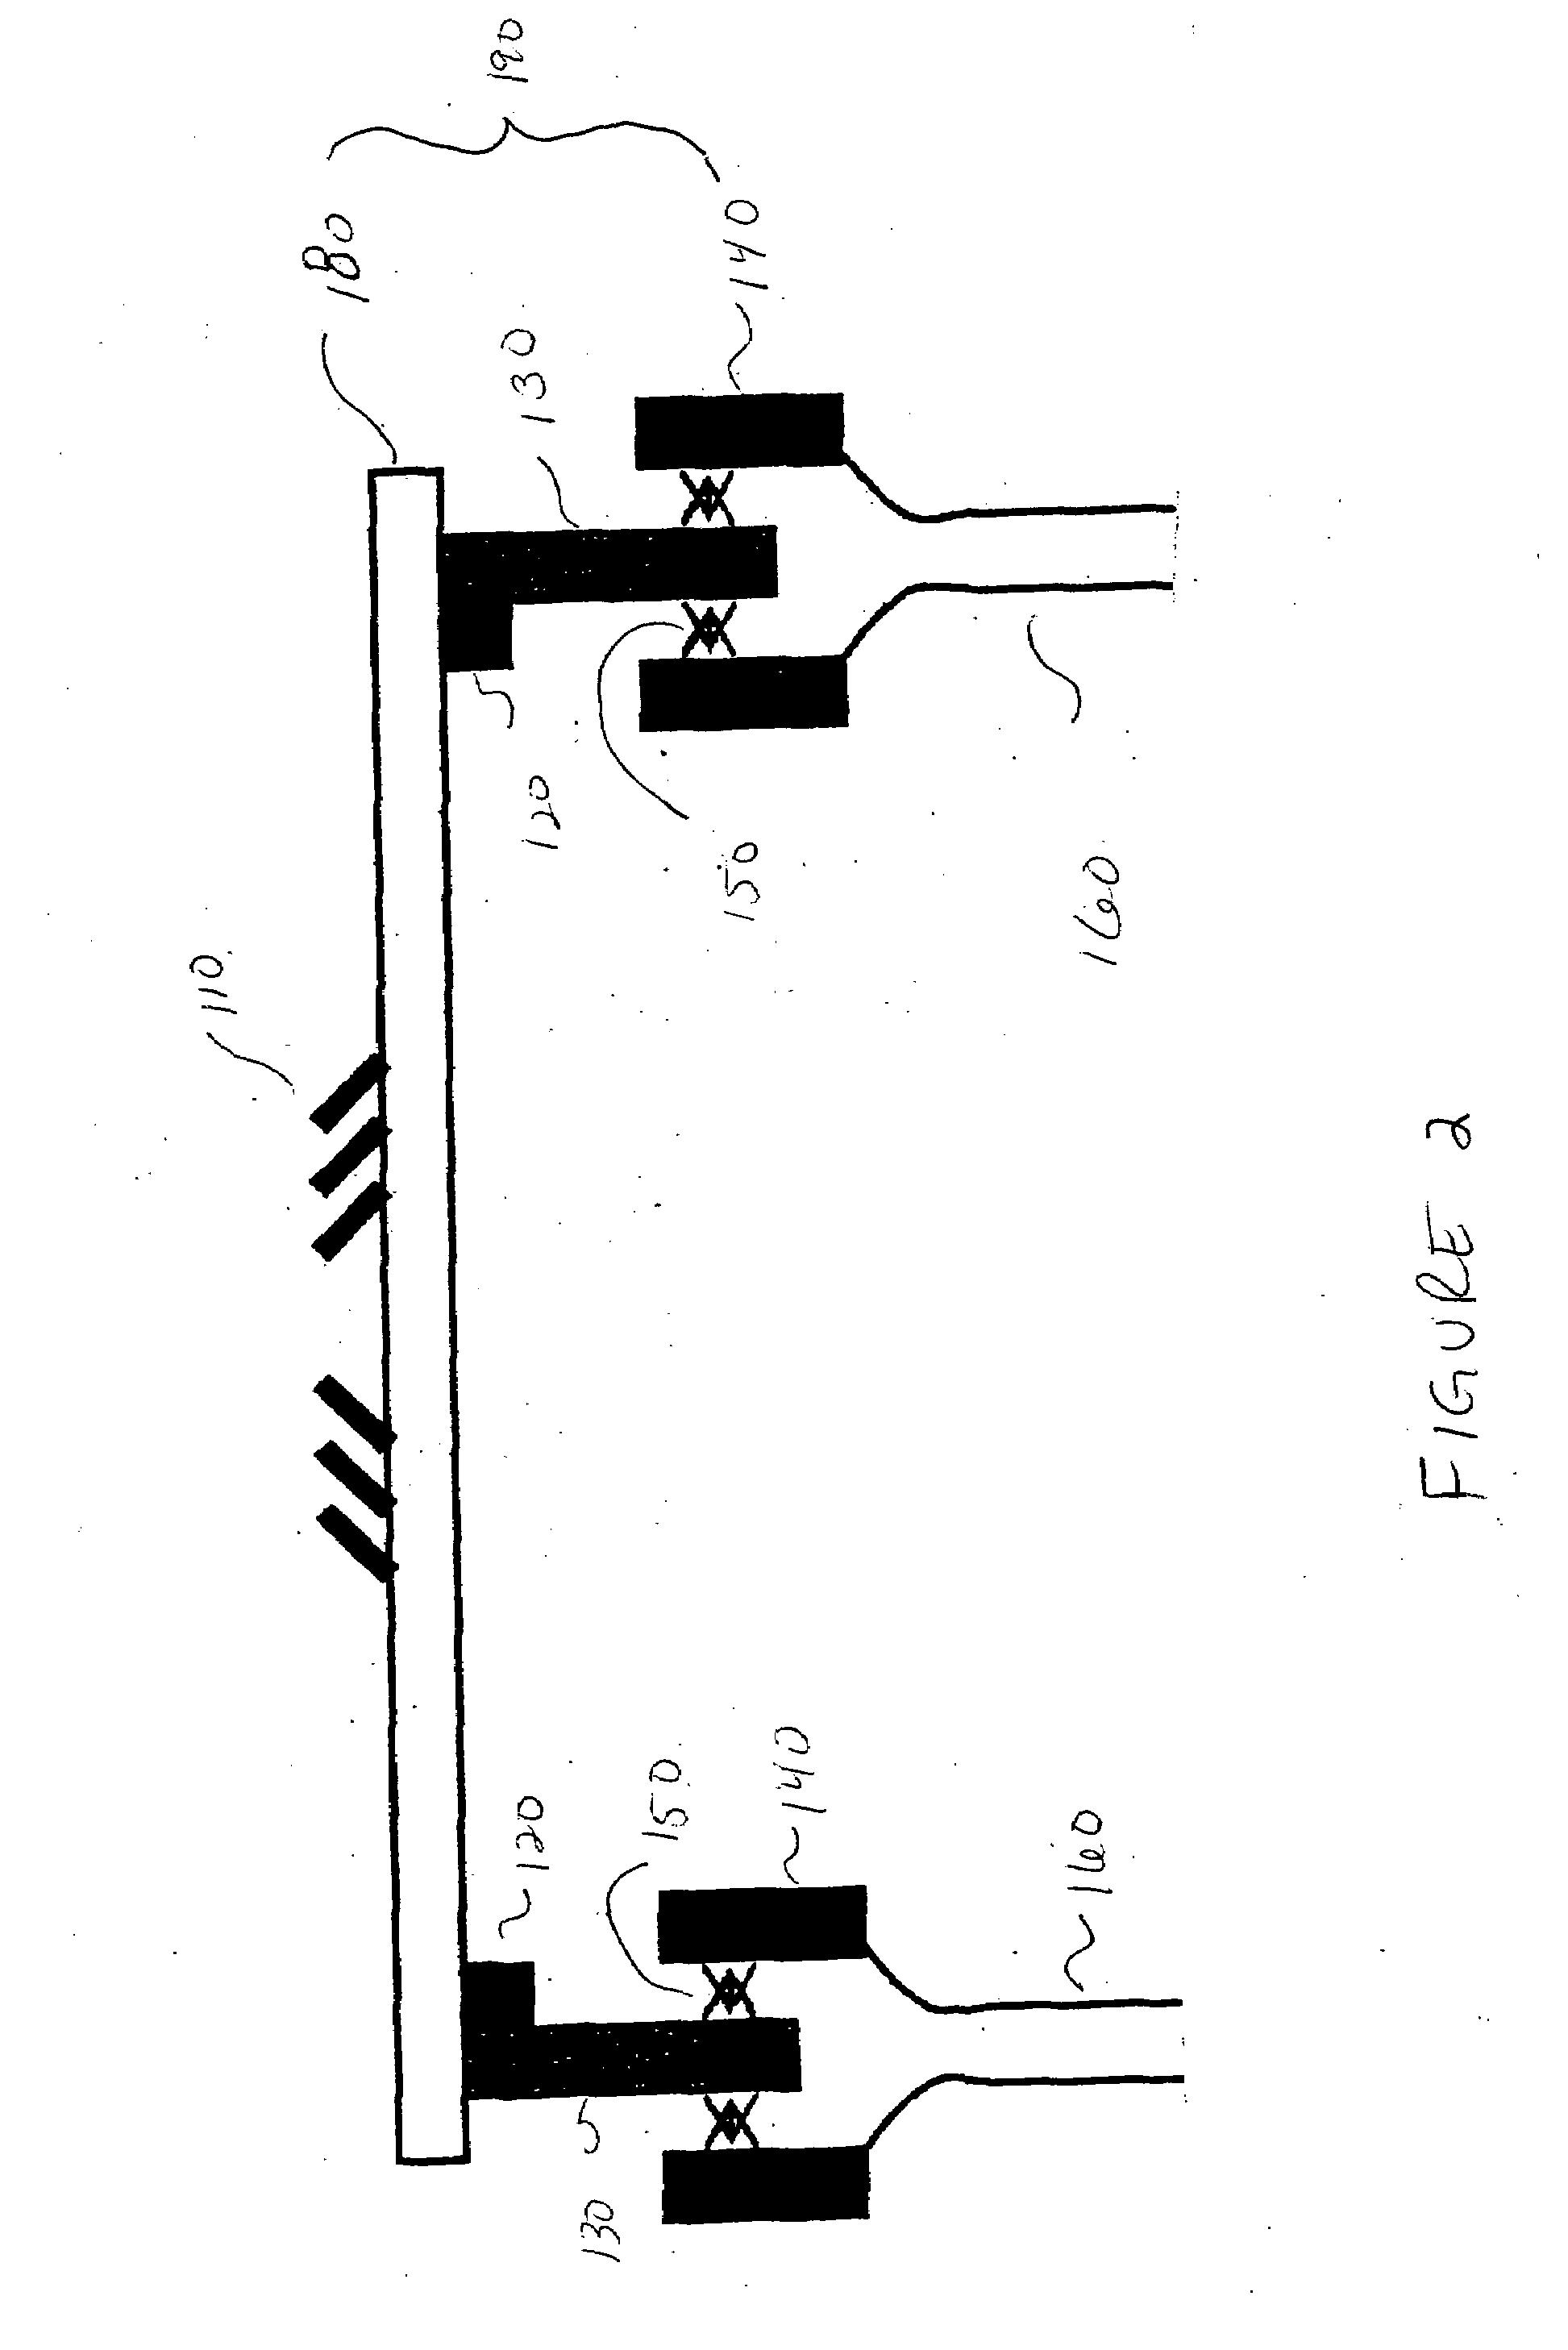 patent us20070296424